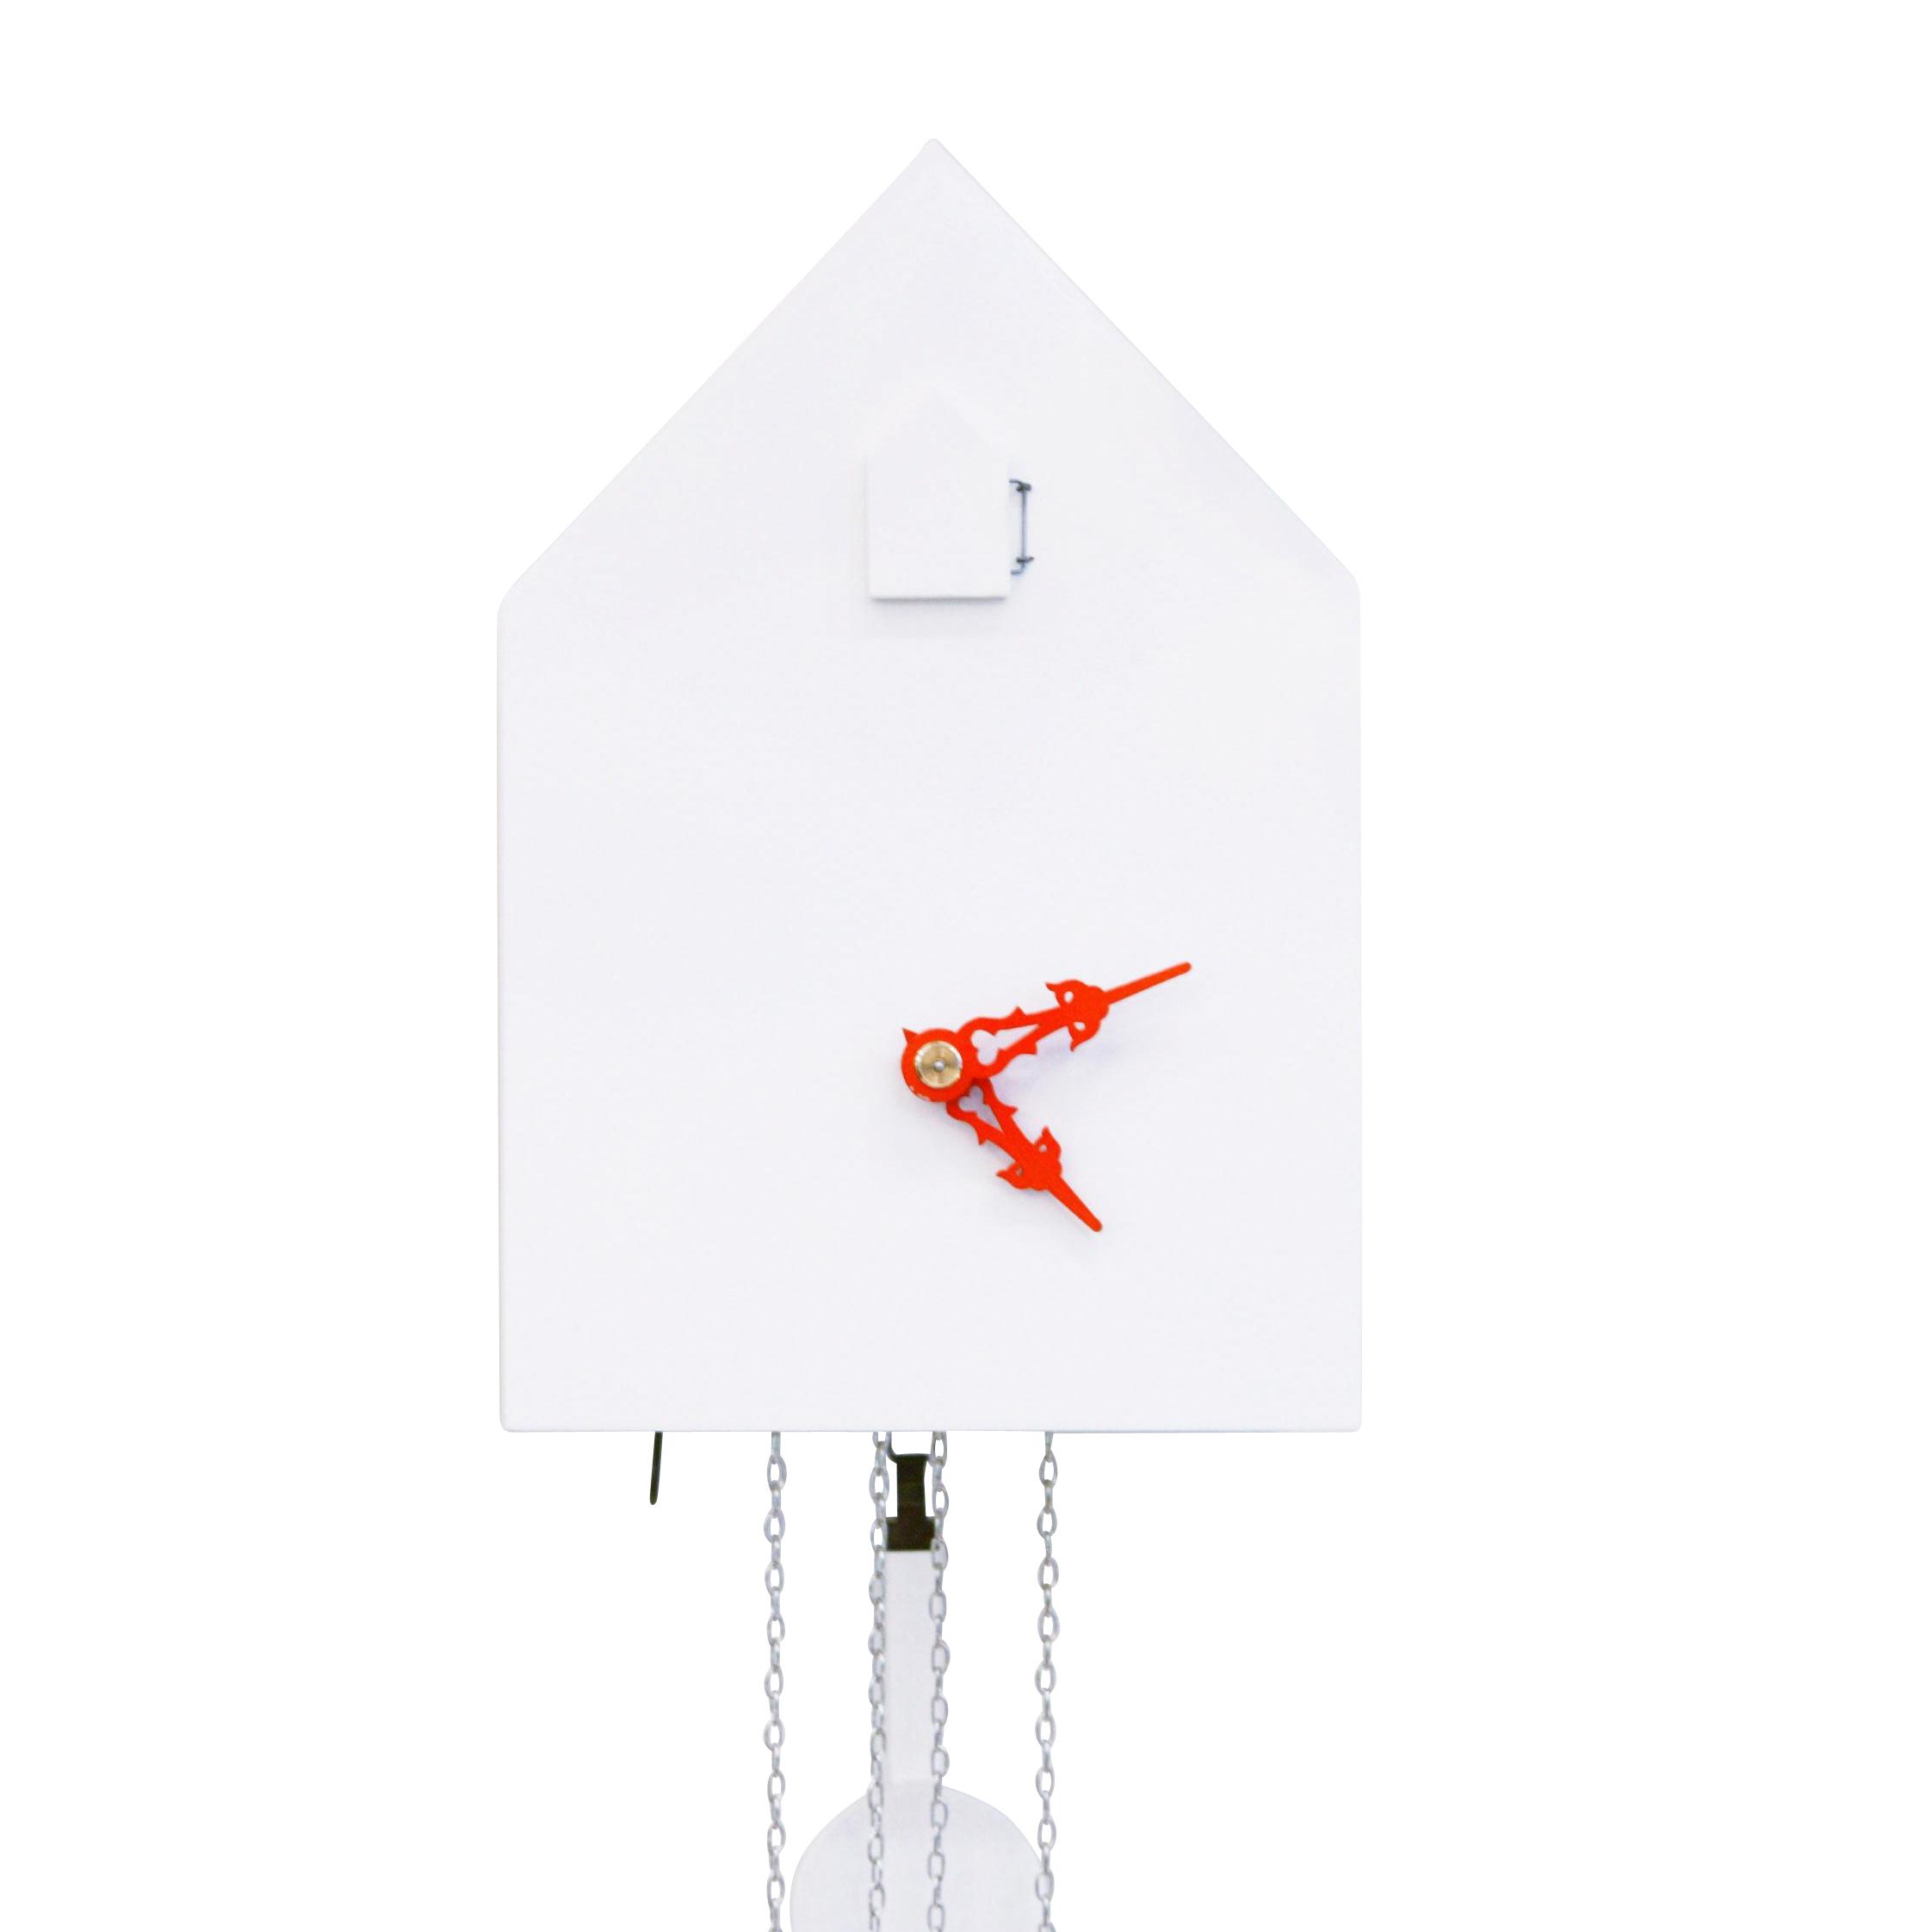 Artificial - Kuckucksuhr - weiß/Zeiger orange | Dekoration > Uhren > Kuckucksuhren | Weiß | Mdf| holz| metall | Artificial